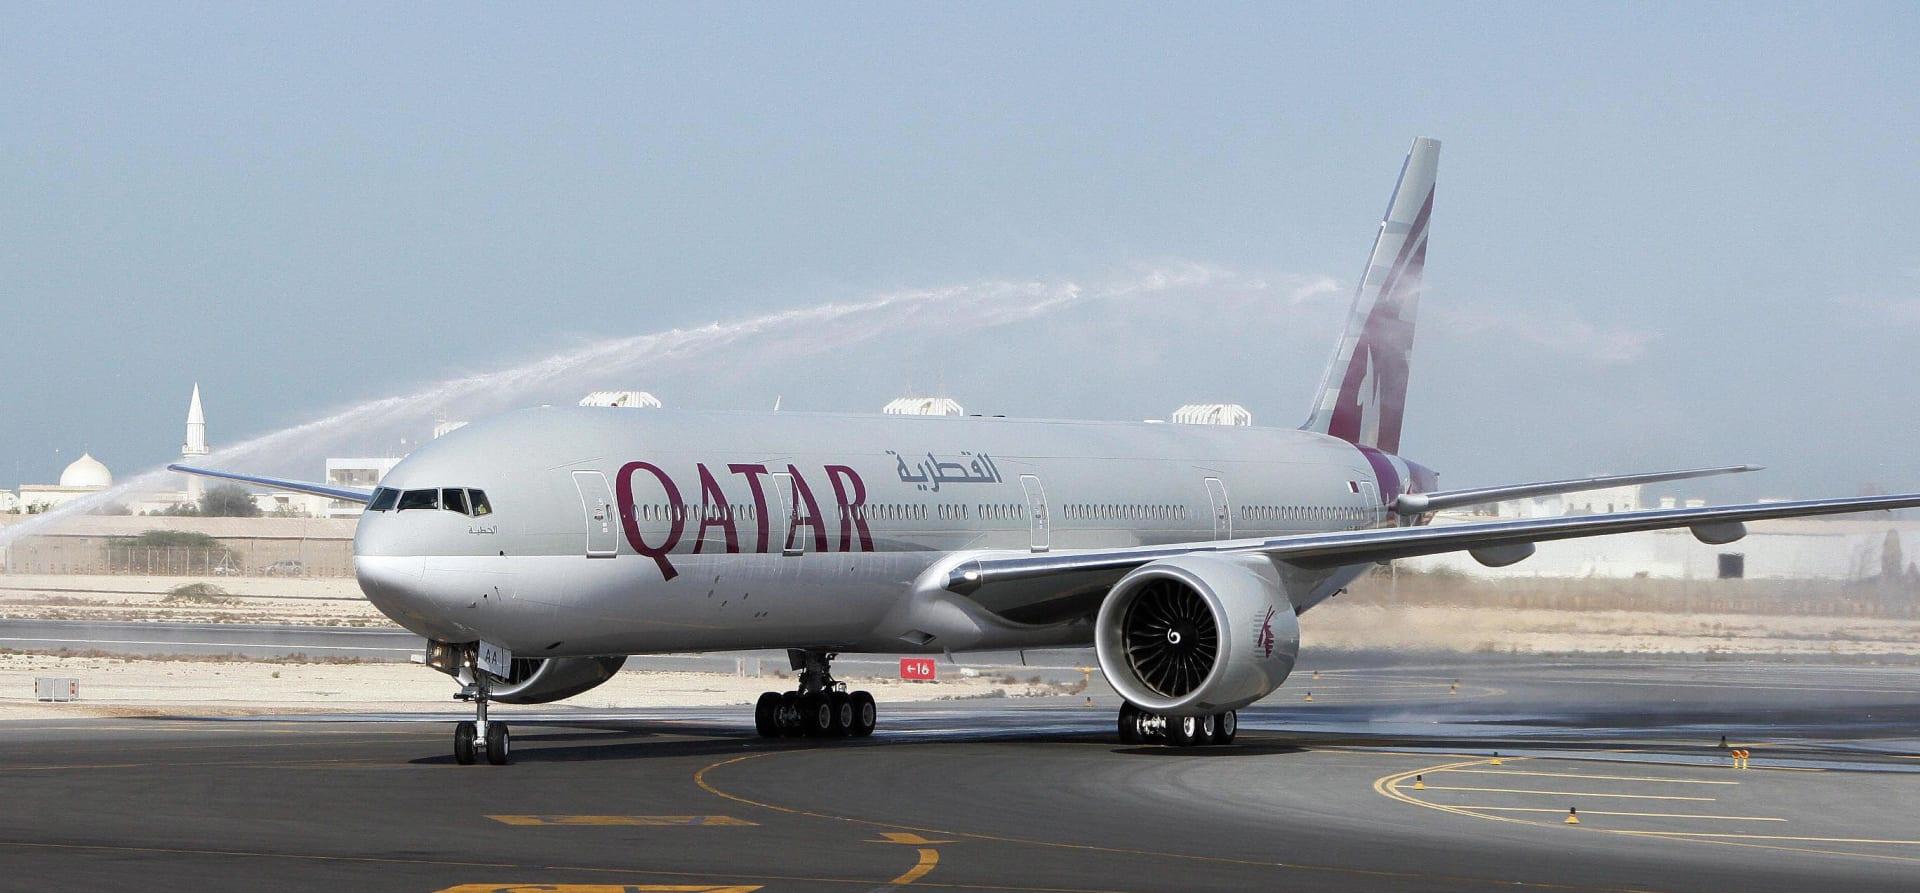 الخطوط الجوية القطرية تعلن خسارة 1.9 مليار دولار هذا العام